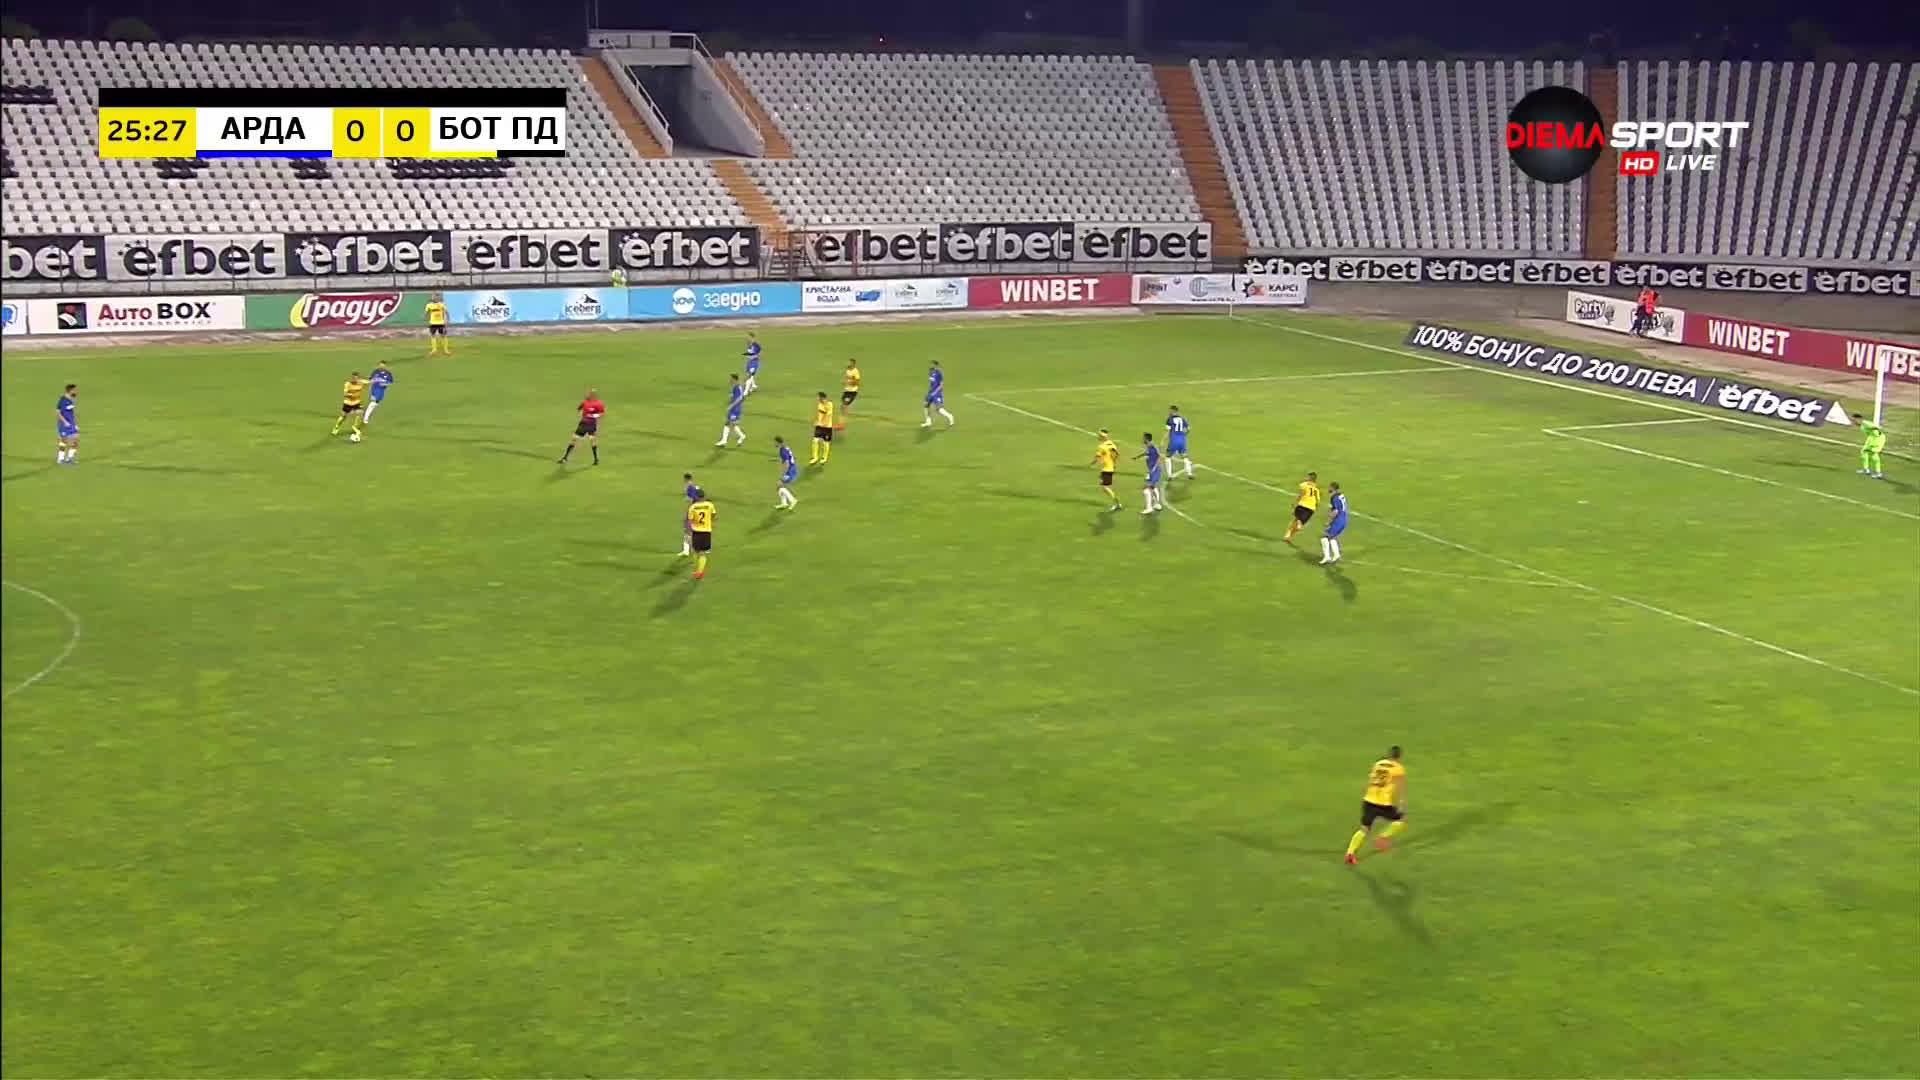 Арда - Ботев Пловдив 0:0 /първо полувреме/